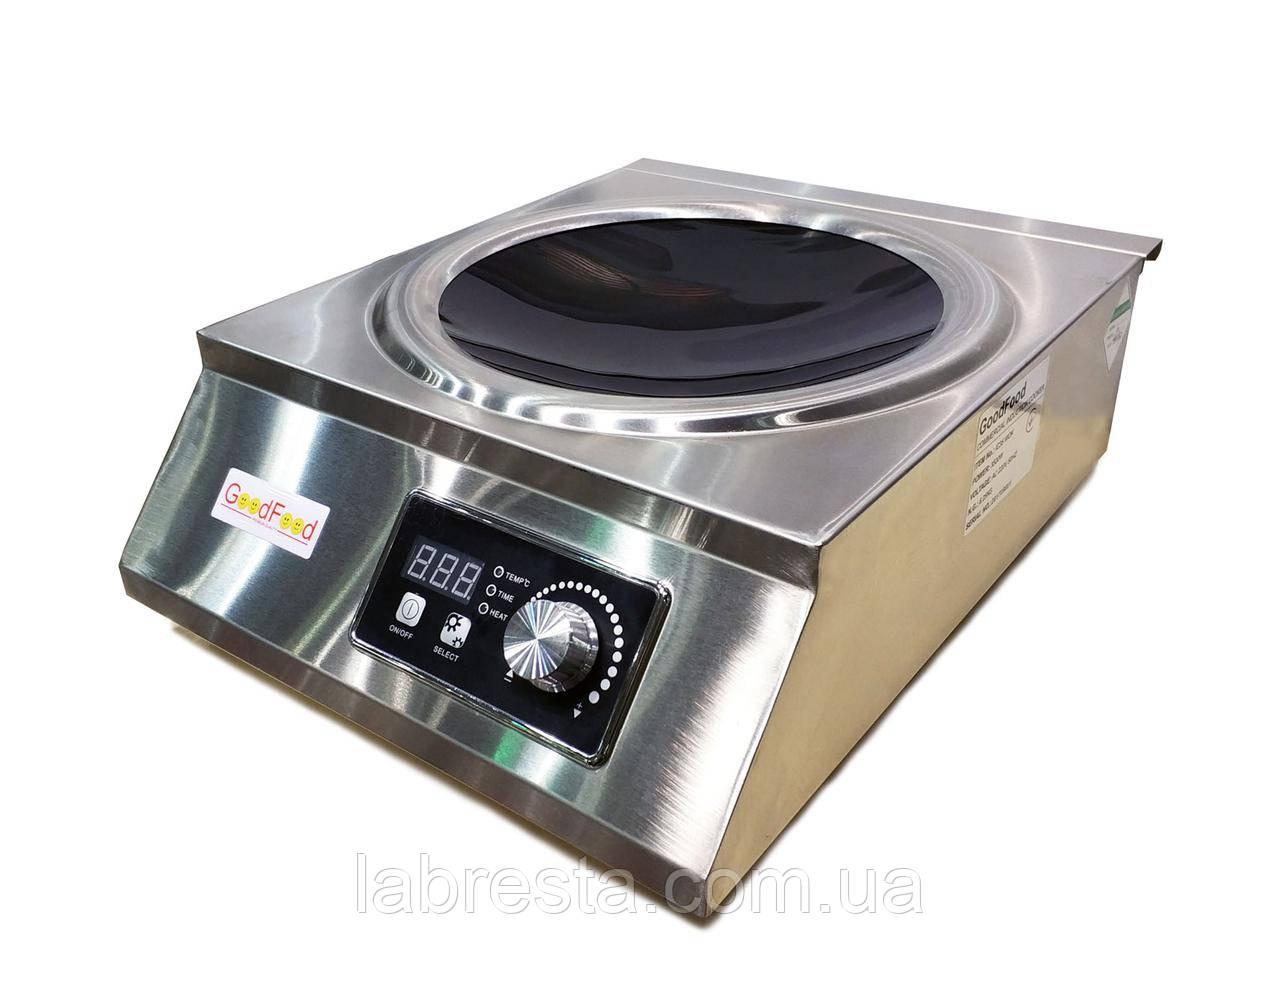 Плита индукционная со сковородой GoodFood IC35 WOK